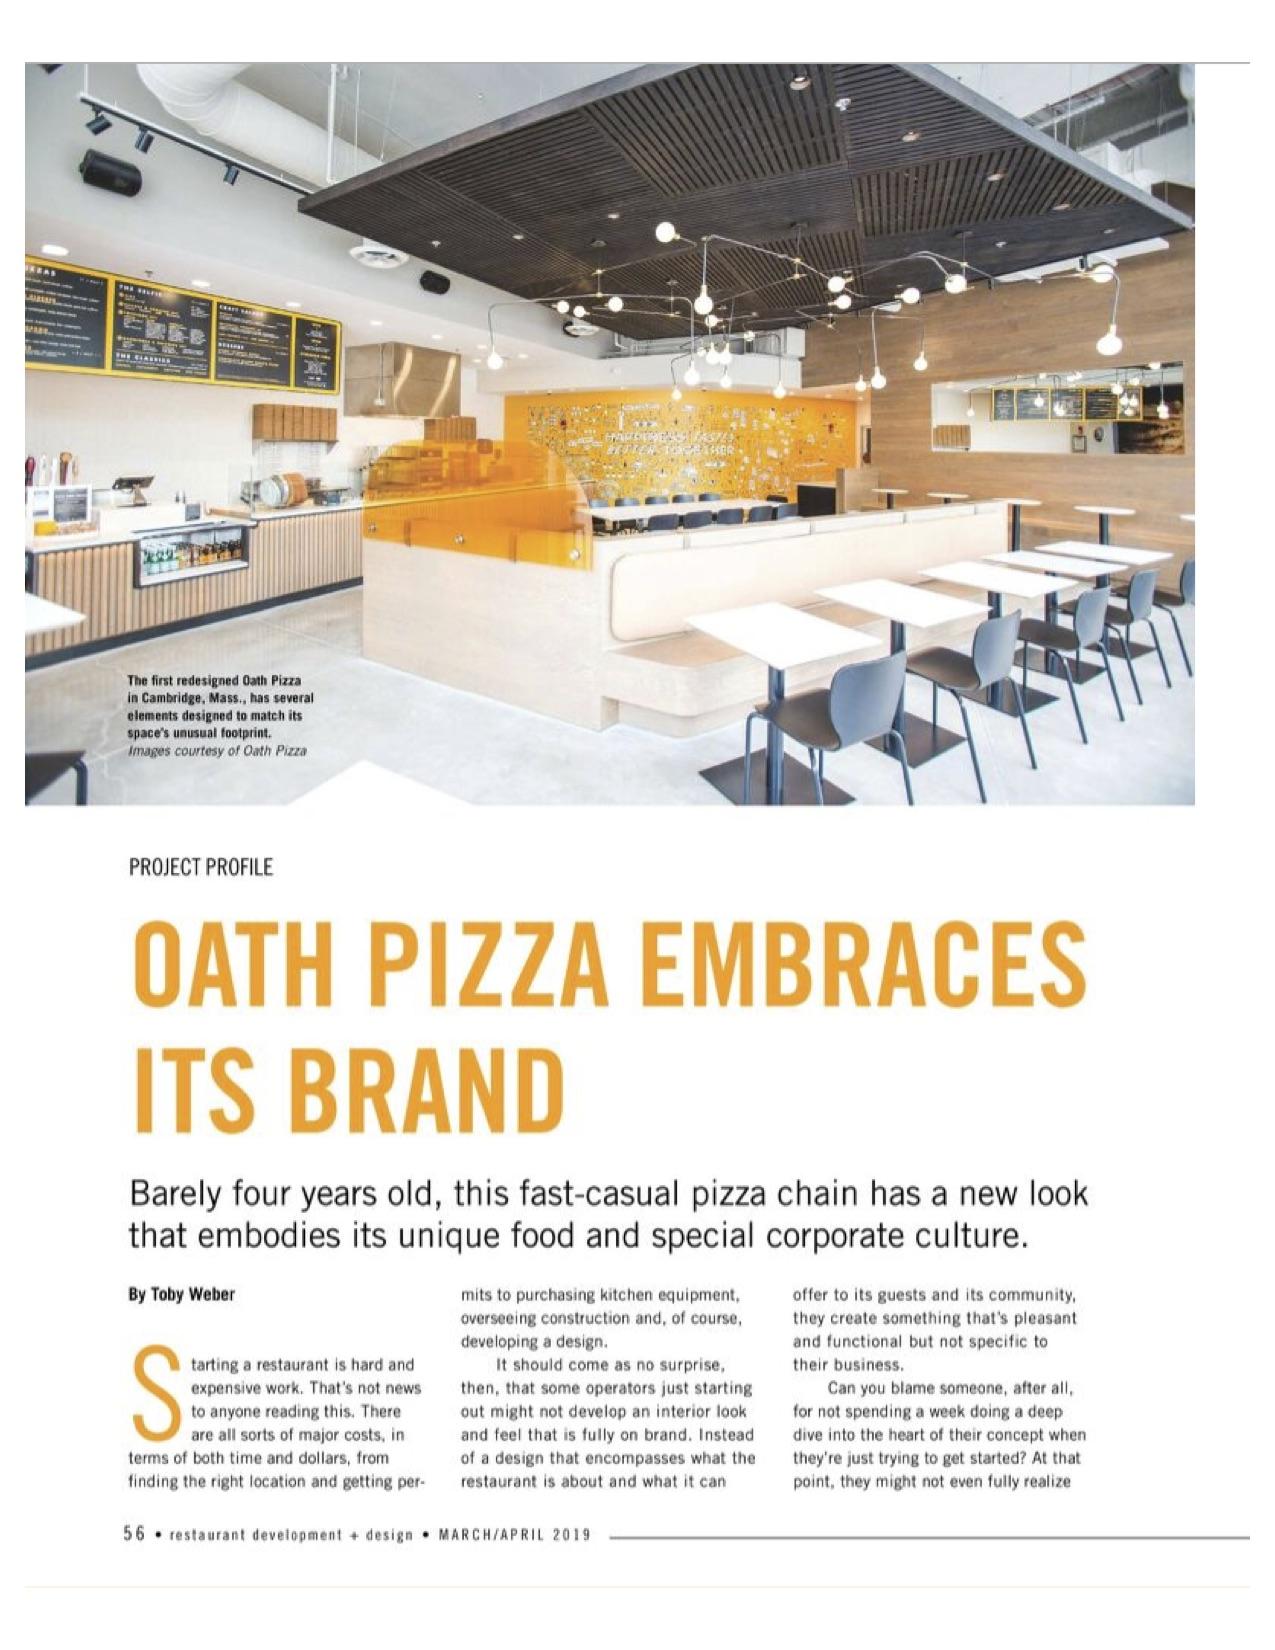 Revamp_Oath Pizza_2.jpg